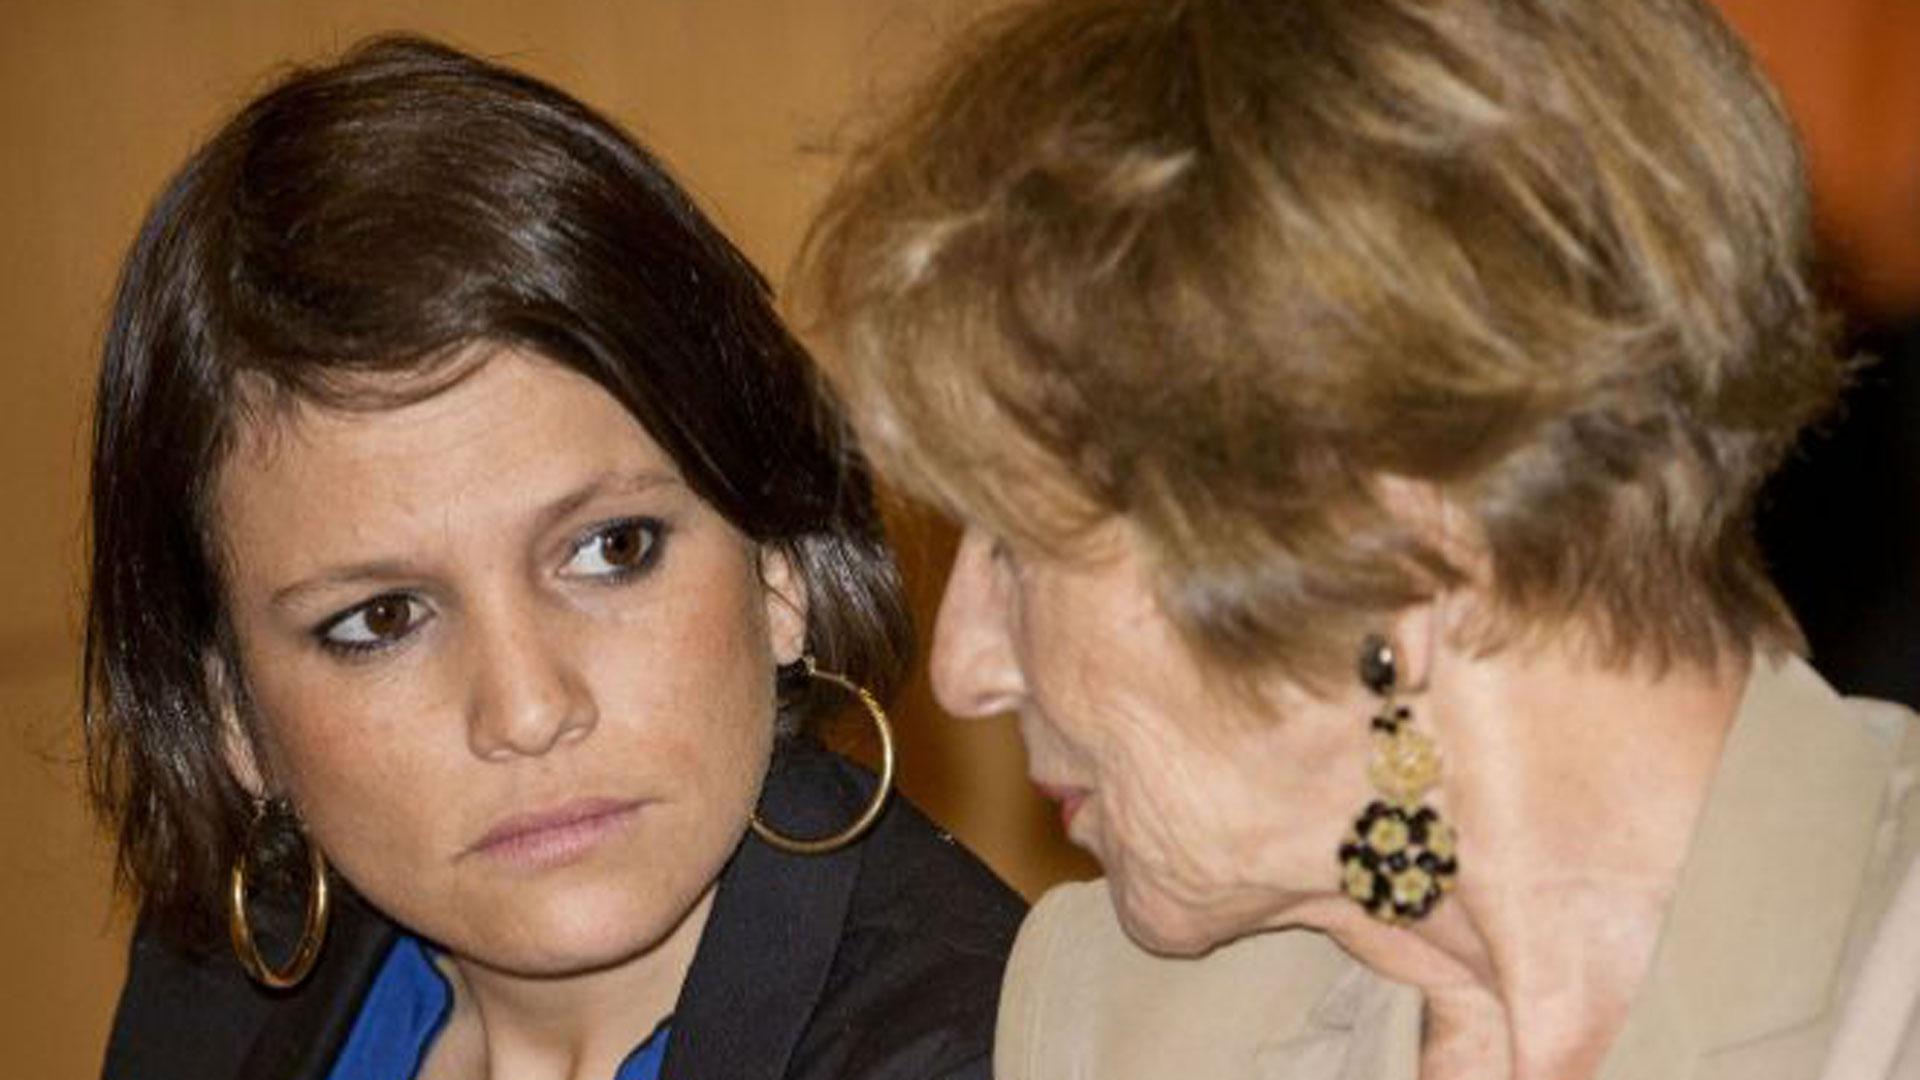 """María del Carmen e Inesita en la conferencia de Máxima. La chica se había recibido en la Universidad de Belgrano con un promedio de 9,50/10, según presentó en su currículum, sin embargo sentía que su hermana mayor era """"lo más"""" (Gentileza diario El Mundo)"""